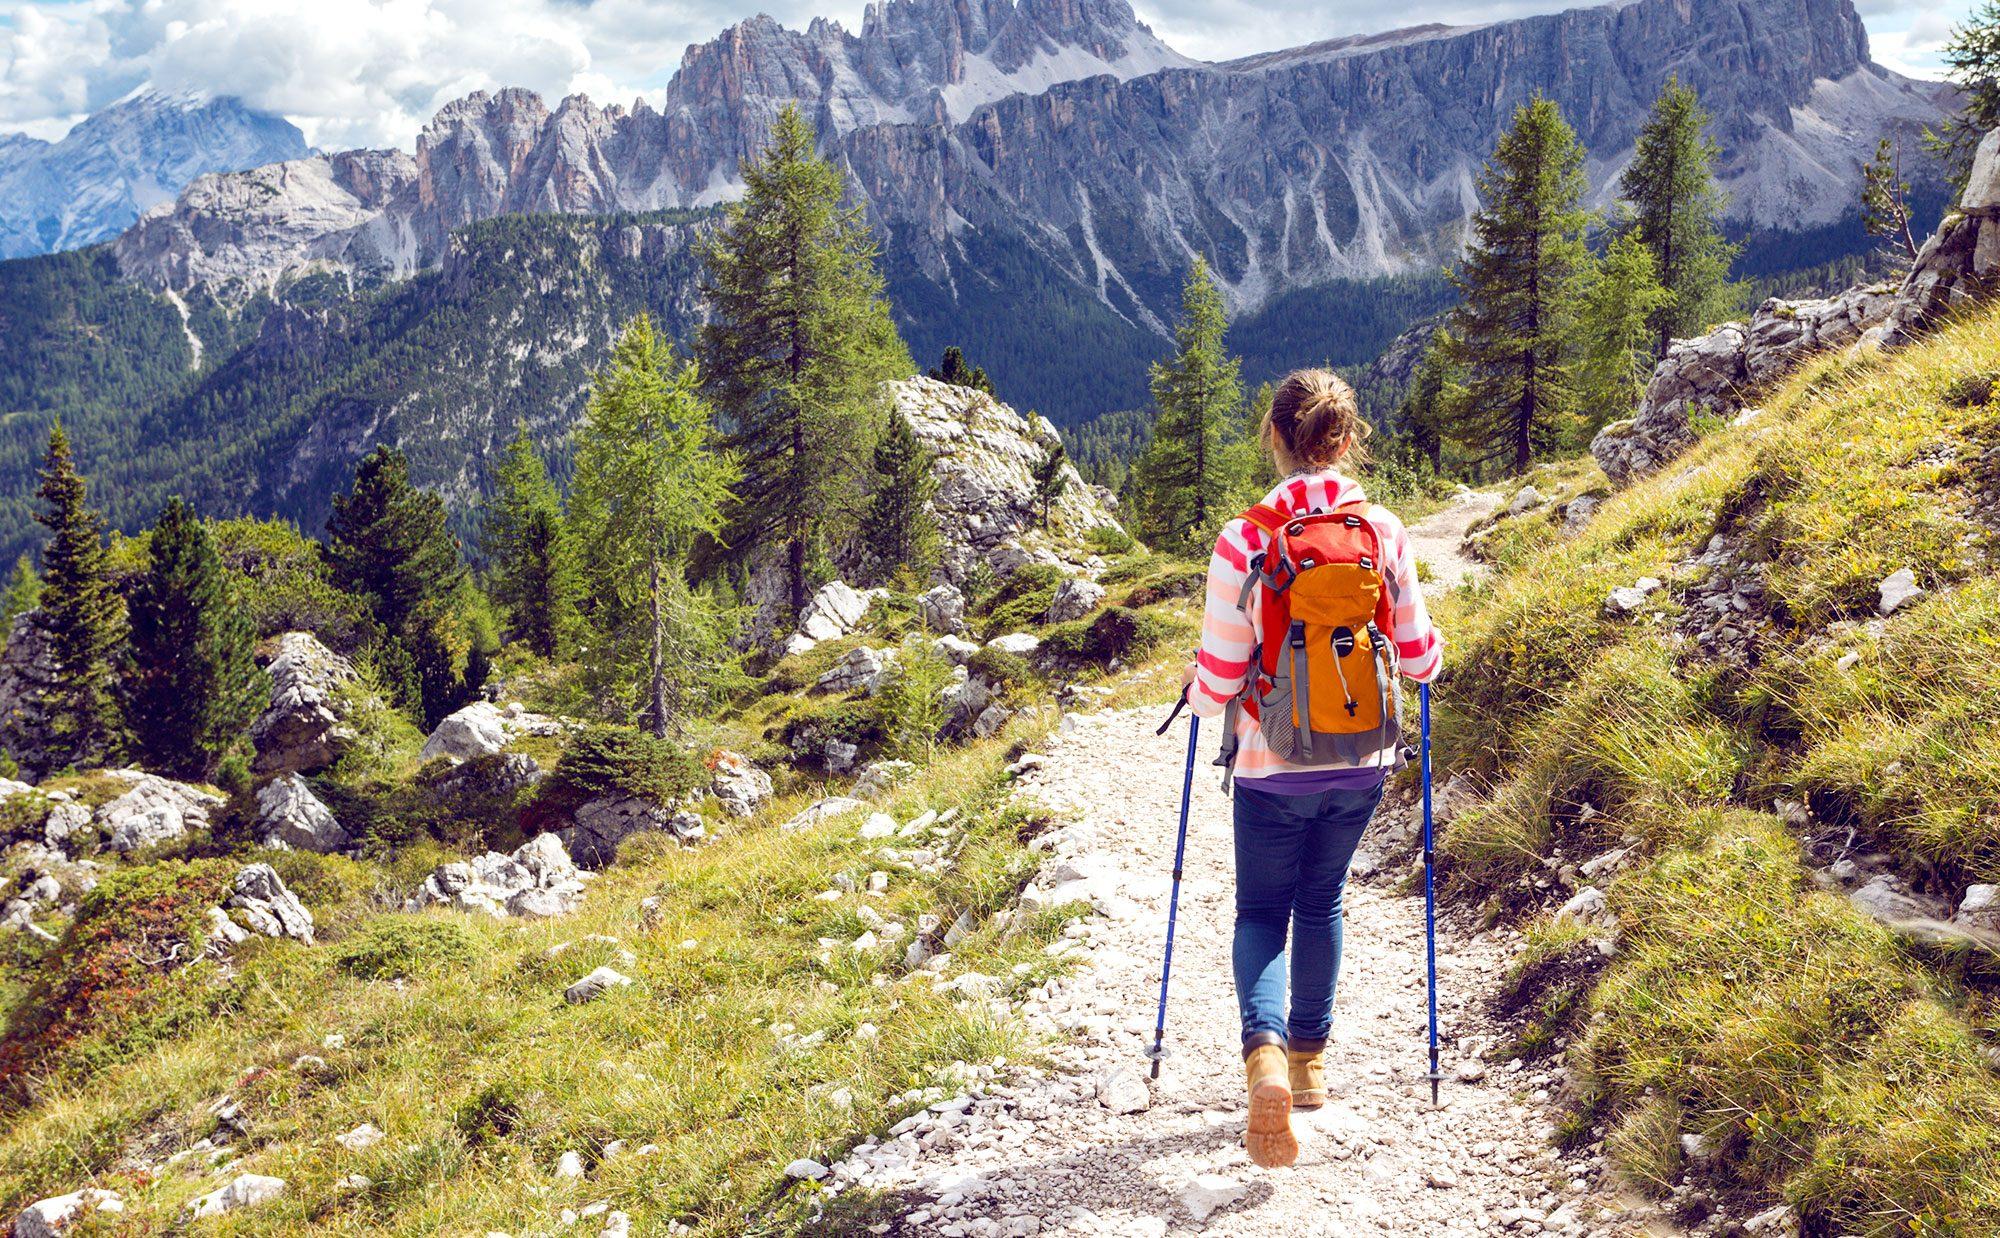 近場でハイキングに行こう! 美味しい空気で最高のデトックスを